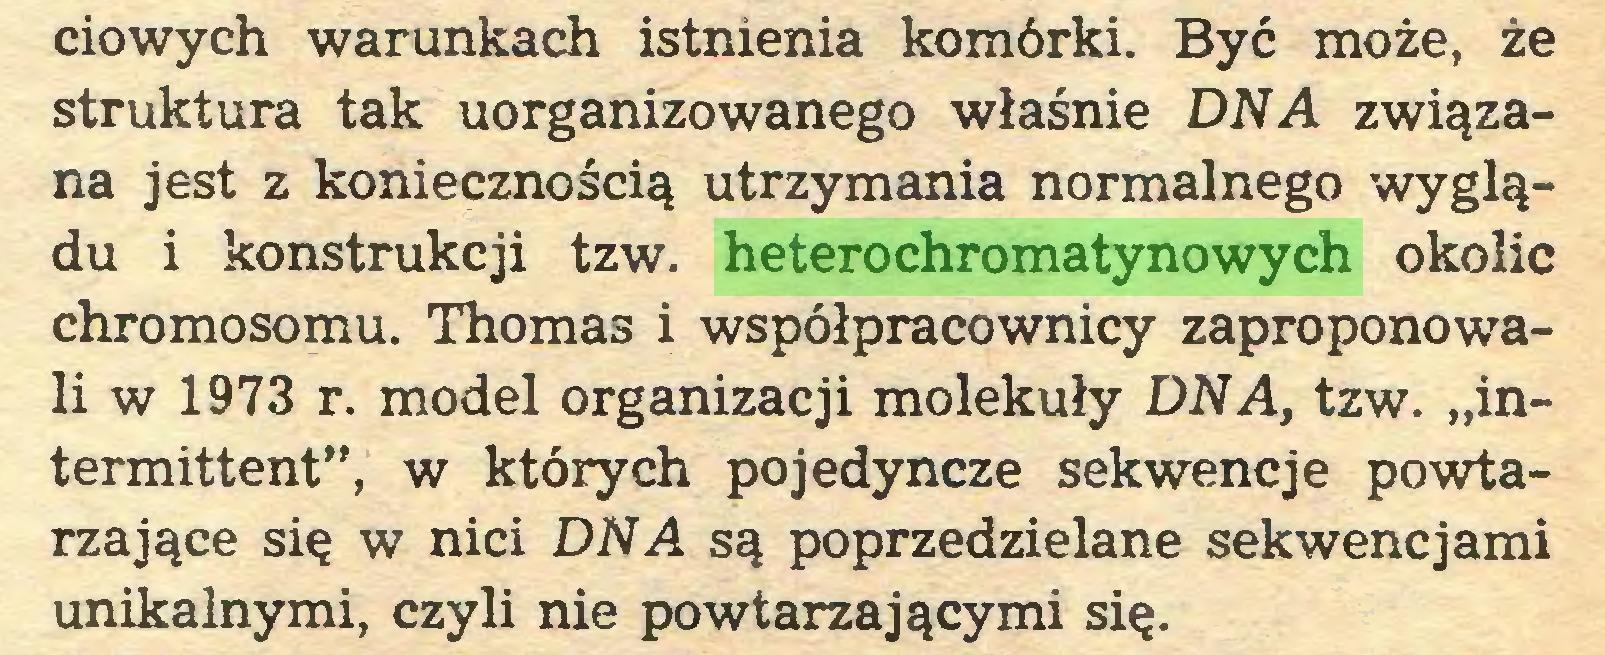 """(...) ciowych warunkach istnienia komórki. Być może, że struktura tak uorganizowanego właśnie DNA związana jest z koniecznością utrzymania normalnego wyglądu i konstrukcji tzw. heterochromatynowych okolic chromosomu. Thomas i współpracownicy zaproponowali w 1973 r. model organizacji molekuły DNA, tzw. """"intermittent"""", w których pojedyncze sekwencje powtarzające się w nici DNA są poprzedzielane sekwencjami unikalnymi, czyli nie powtarzającymi się..."""